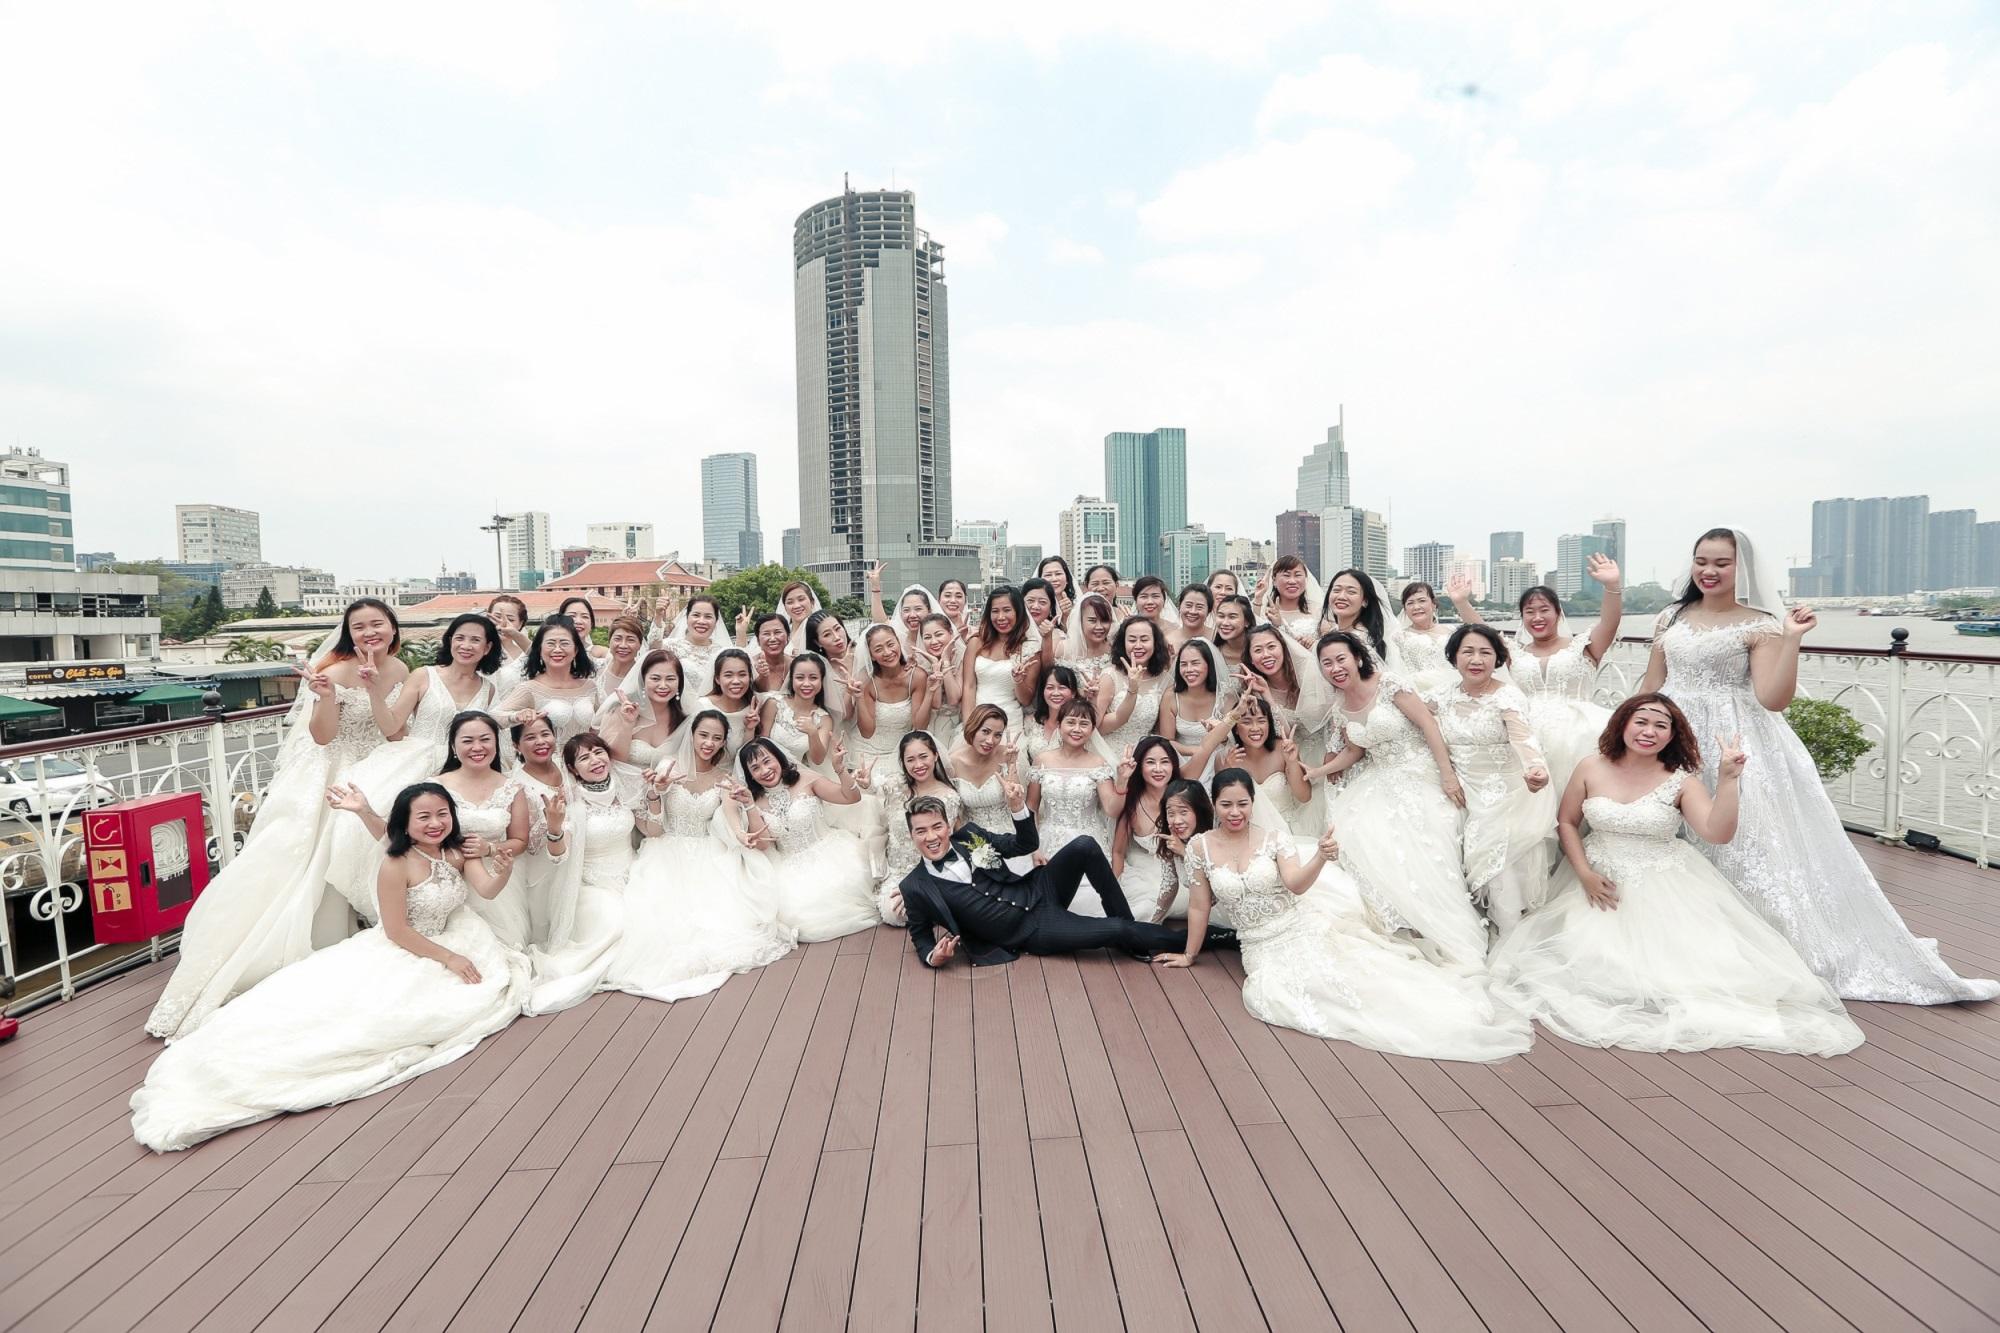 Đàm Vĩnh Hưng sắp lên xe hoa vì có 50 cô dâu theo đuổi? - Ảnh 3